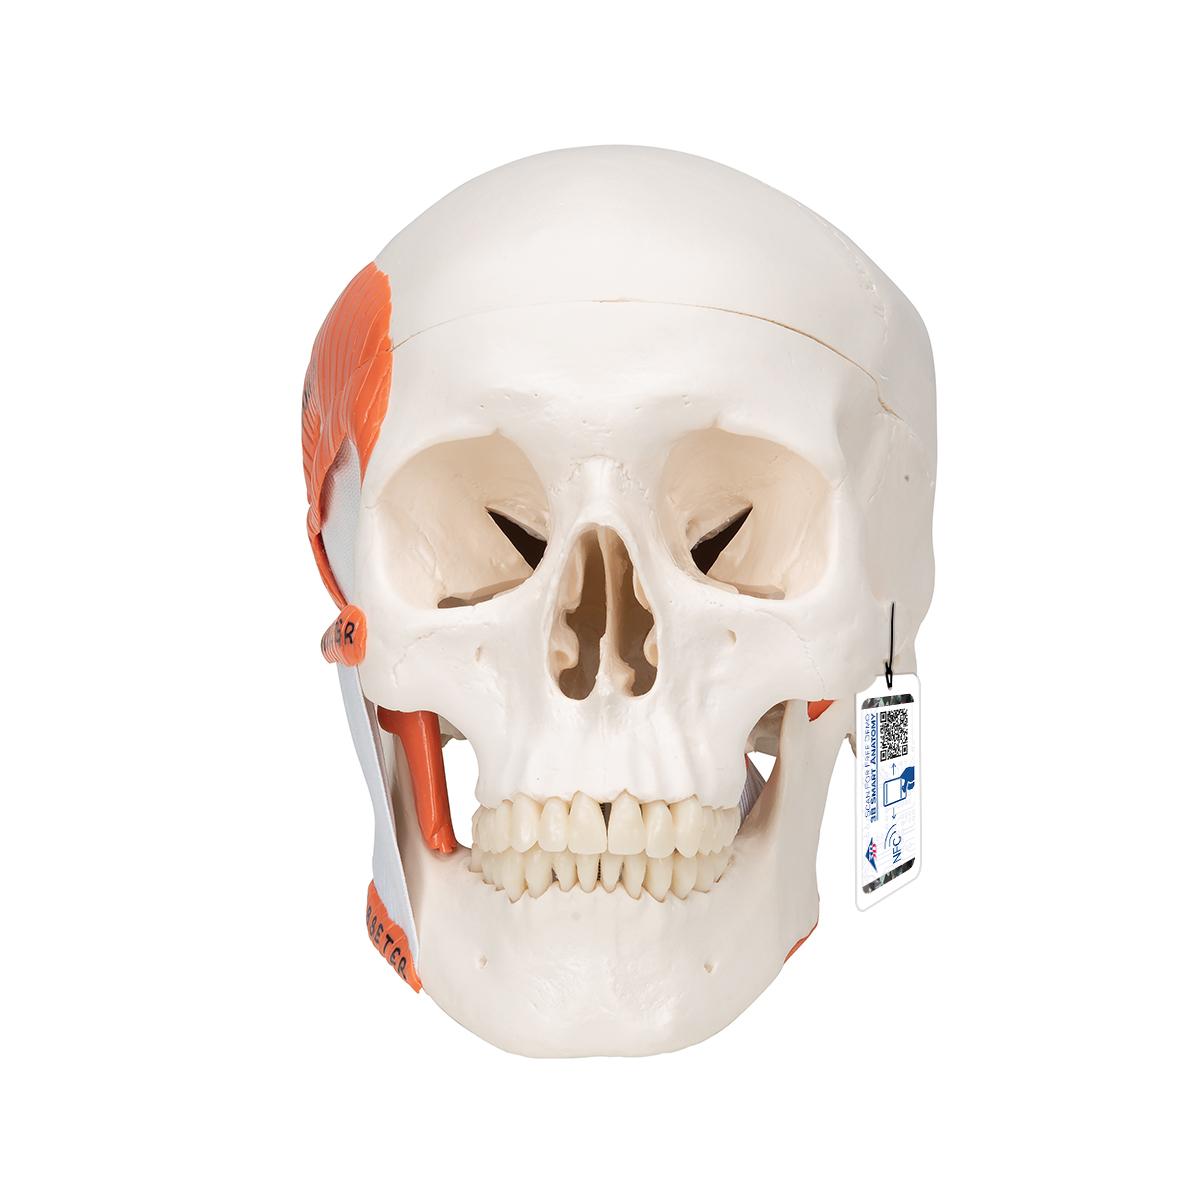 Anatomical Teaching Model Human Skull Model Plastic Skull Model